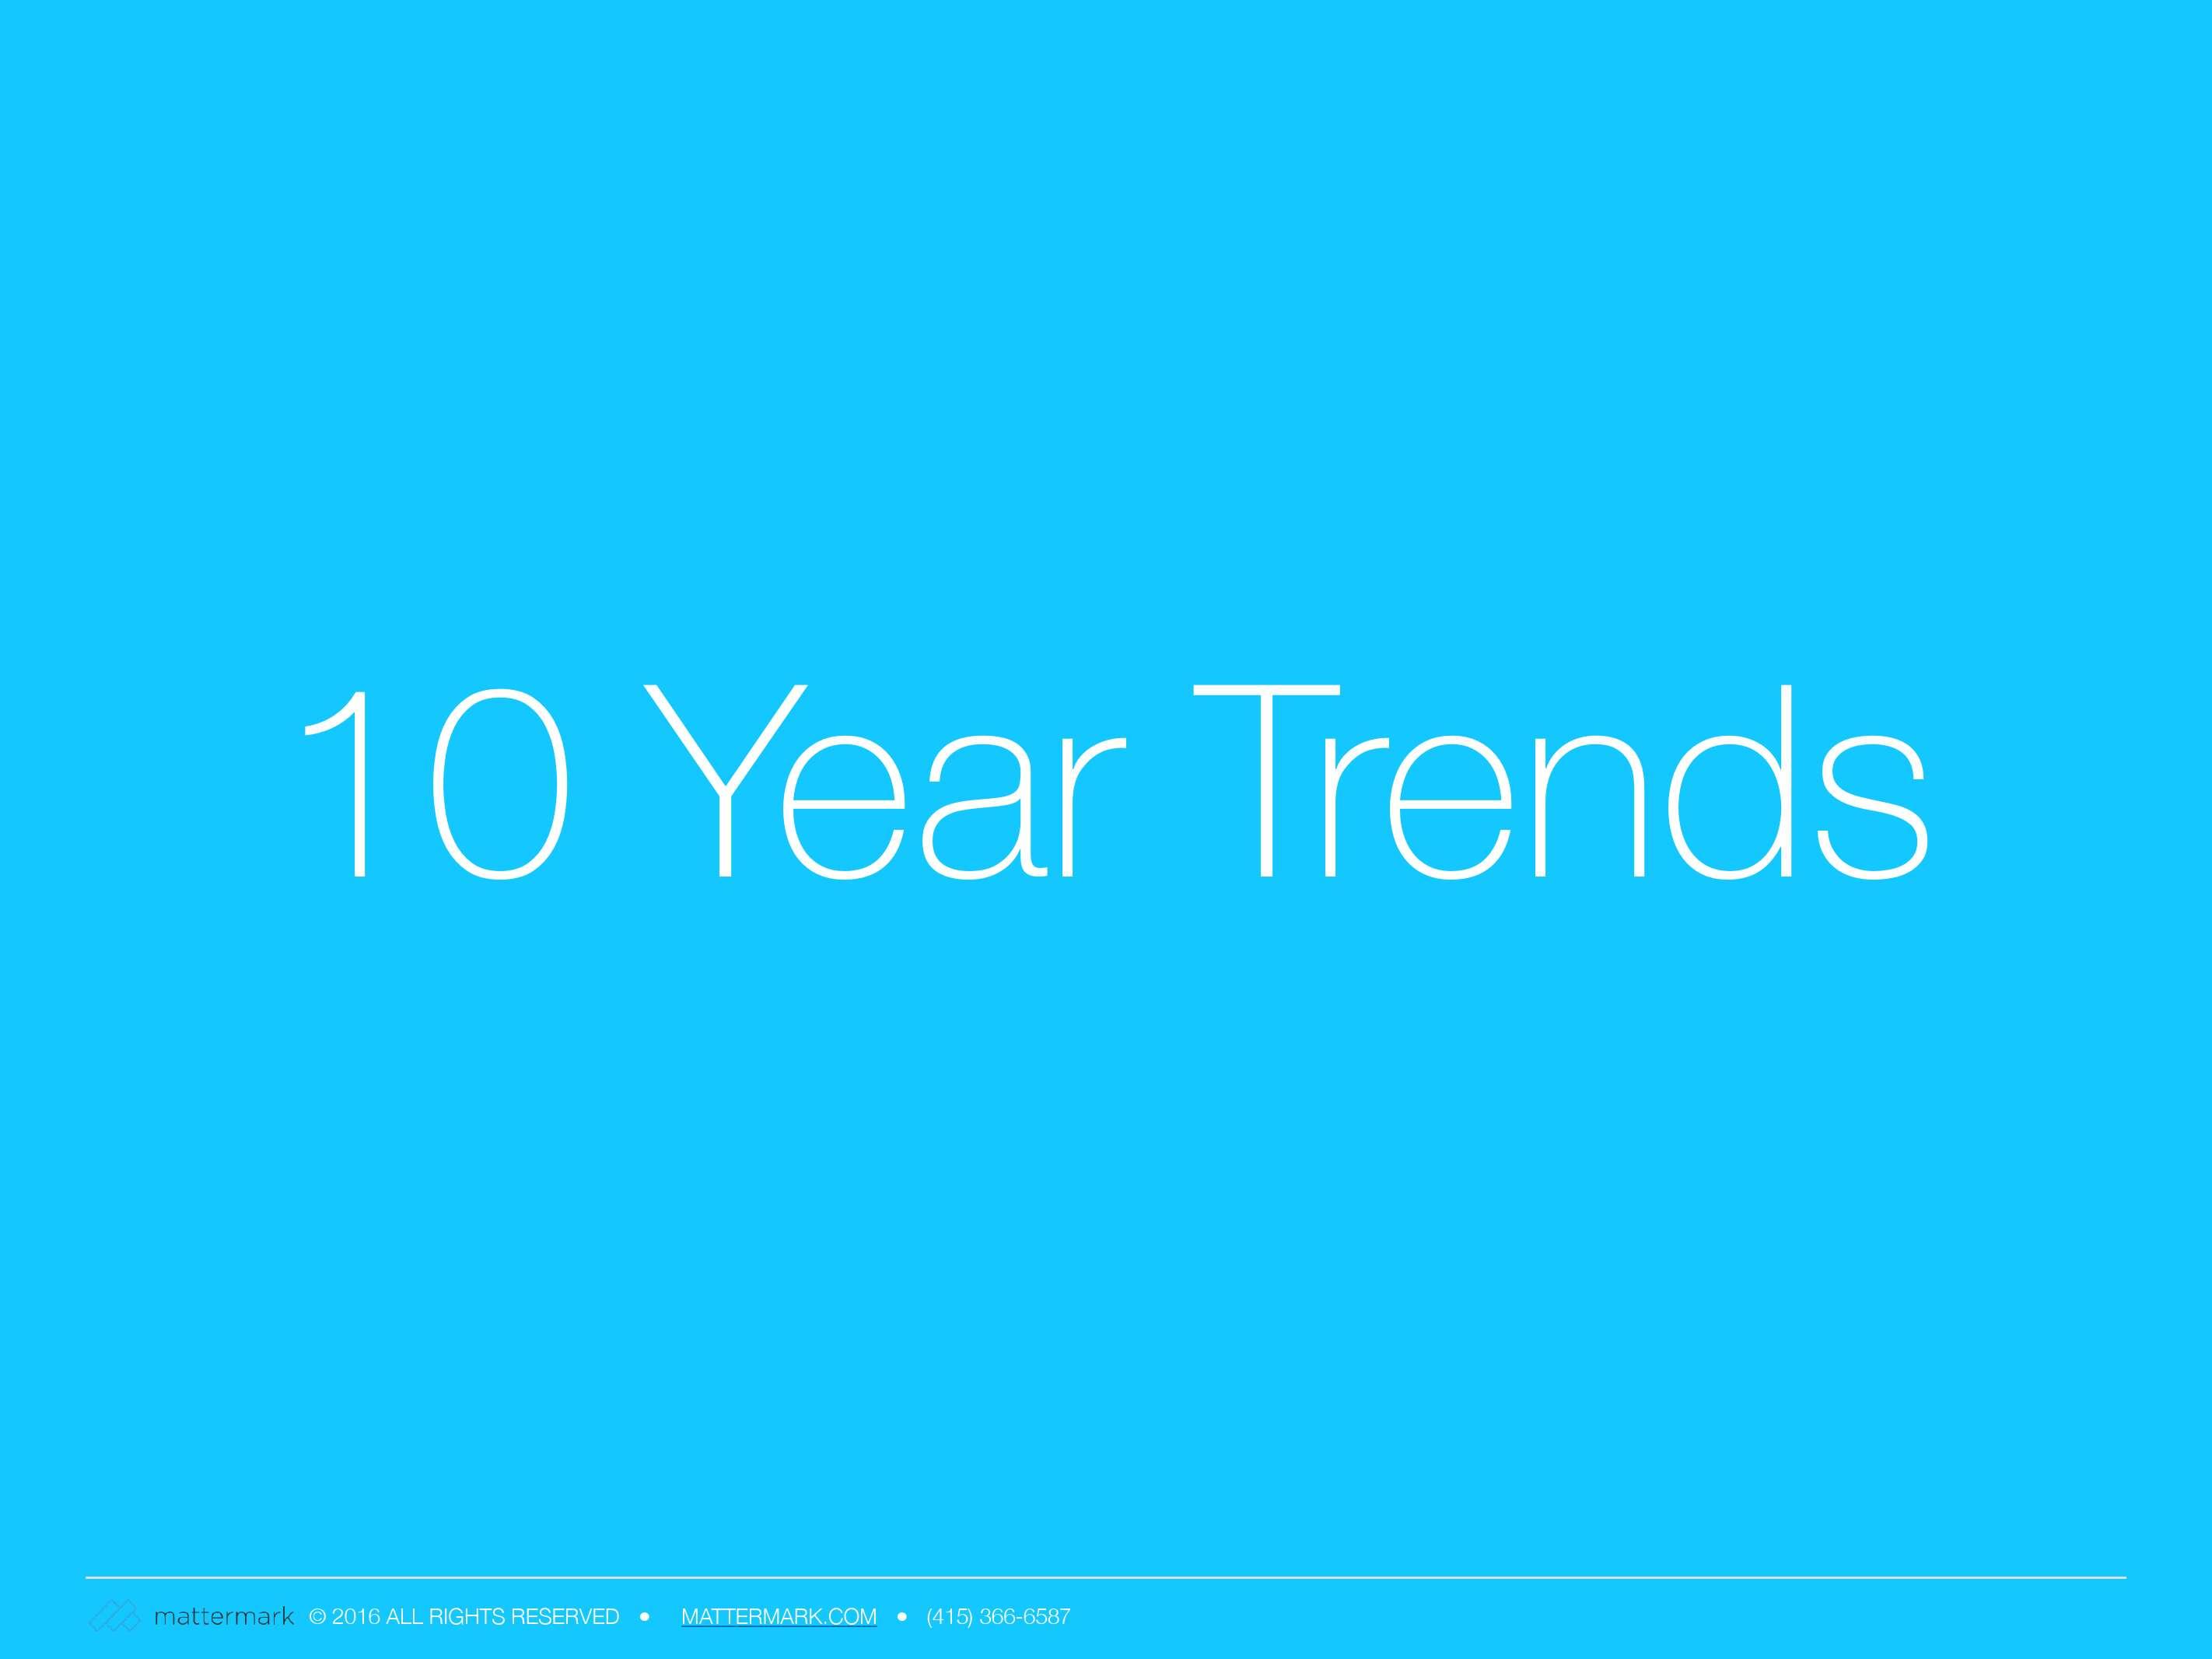 2015年美国创业公司风险投资发展趋势报告_000004